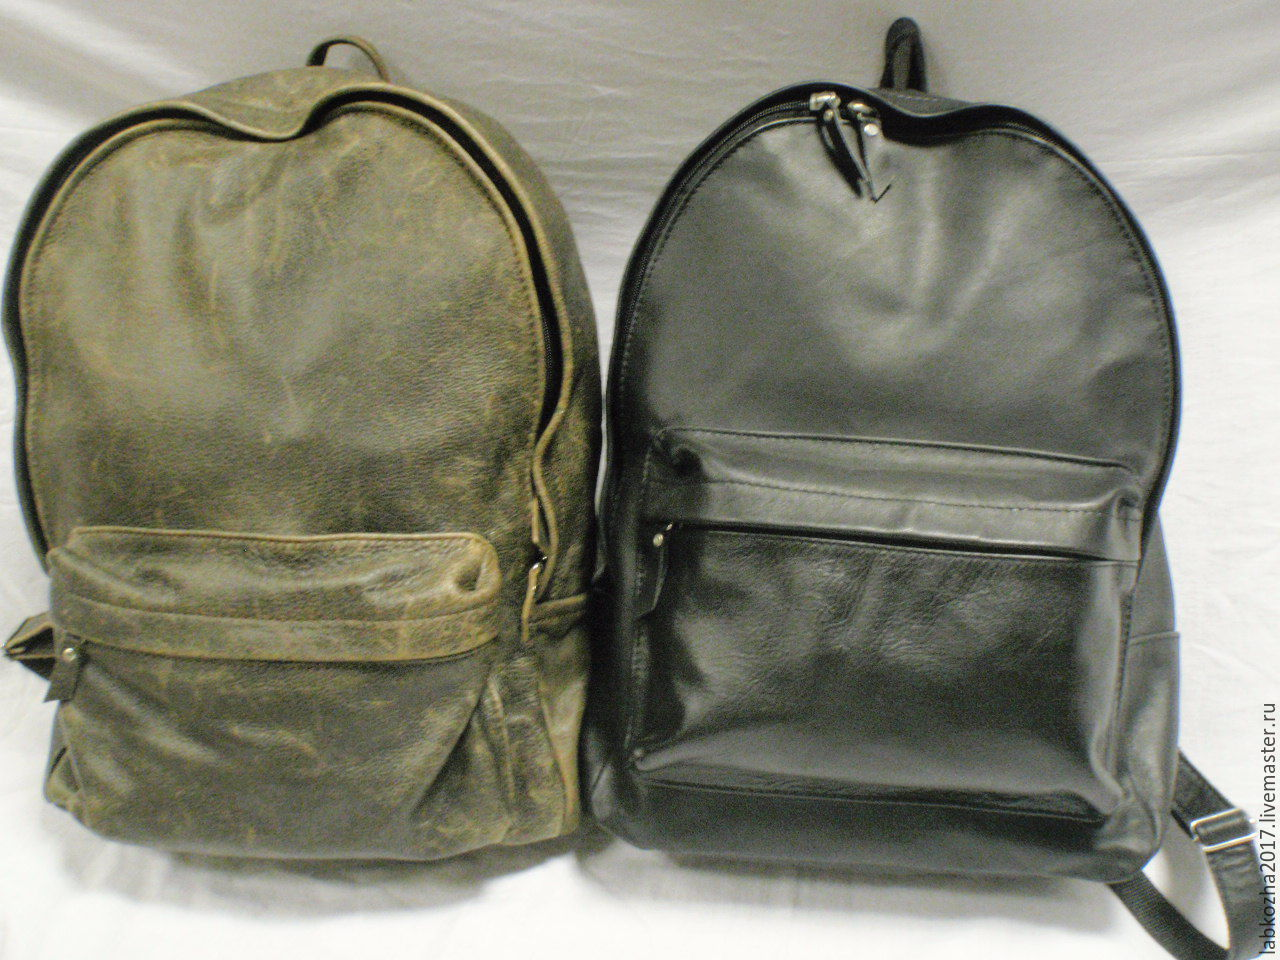 Рюкзаки россия купить одноплечевая фотосумка-рюкзак